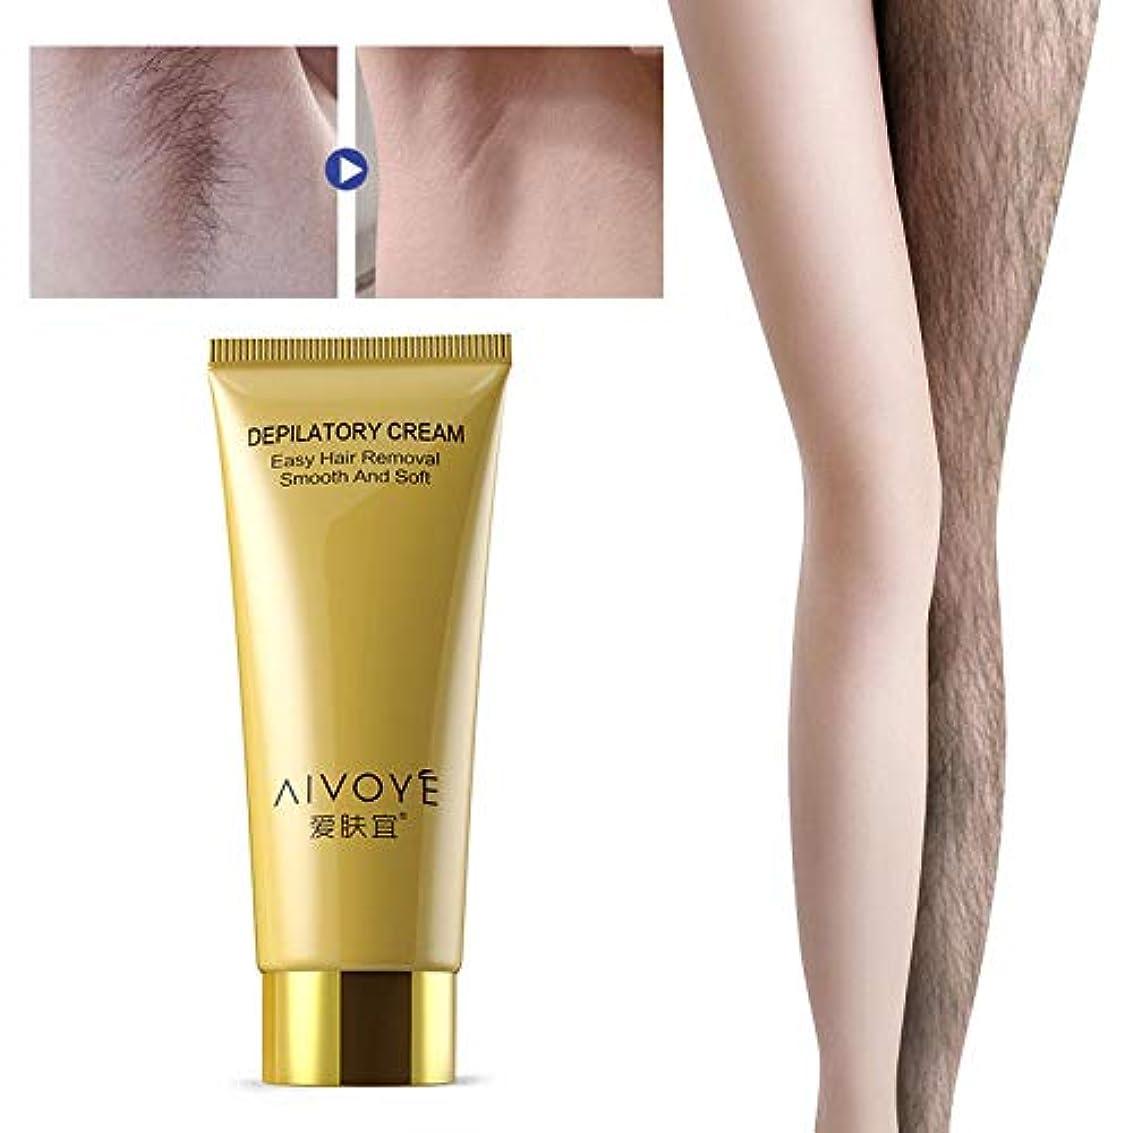 空港チャネル頭Rabugoo 60g男性女性安全な痛みを抑える脱毛クリーム脚の体のための滑らかな肌の脱毛クリーム